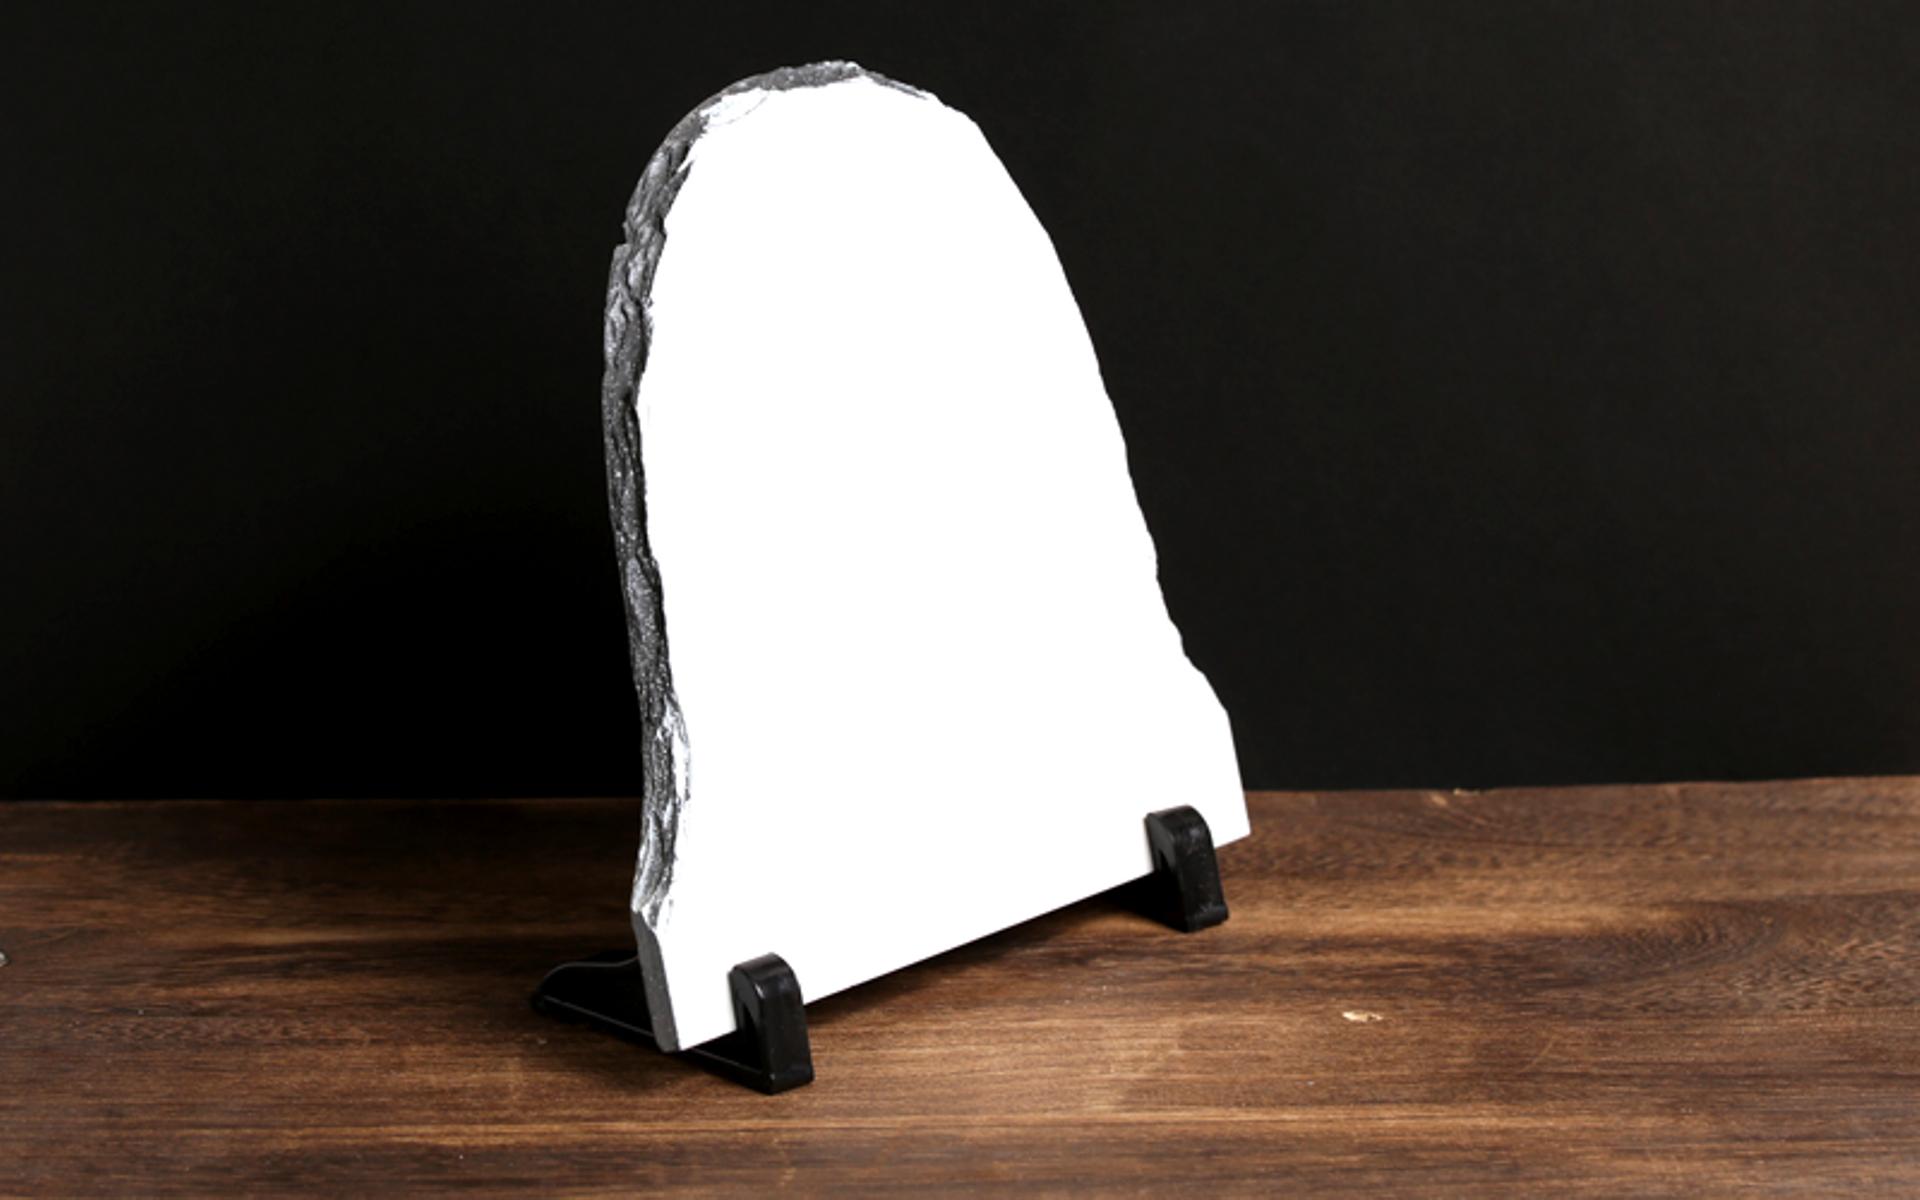 מגן איכותי מאבן בזלת צורת כיפה, יוקרתי עם תמונה באיכות פוטו גודל 30*20